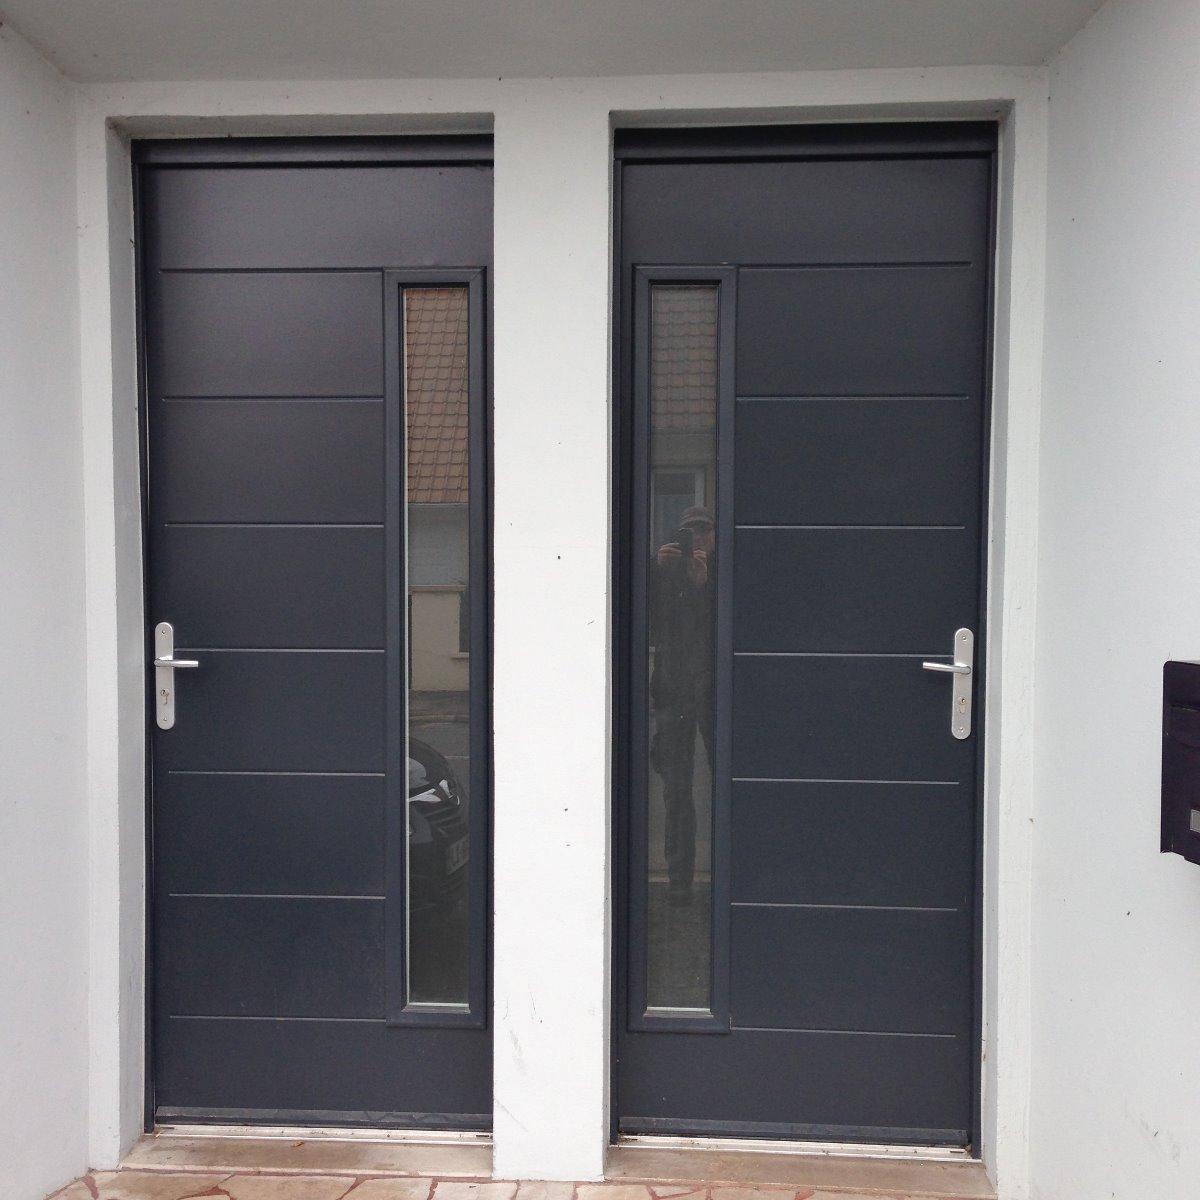 Portes d'entrée en aluminium RAL 7016 - RUE - 80